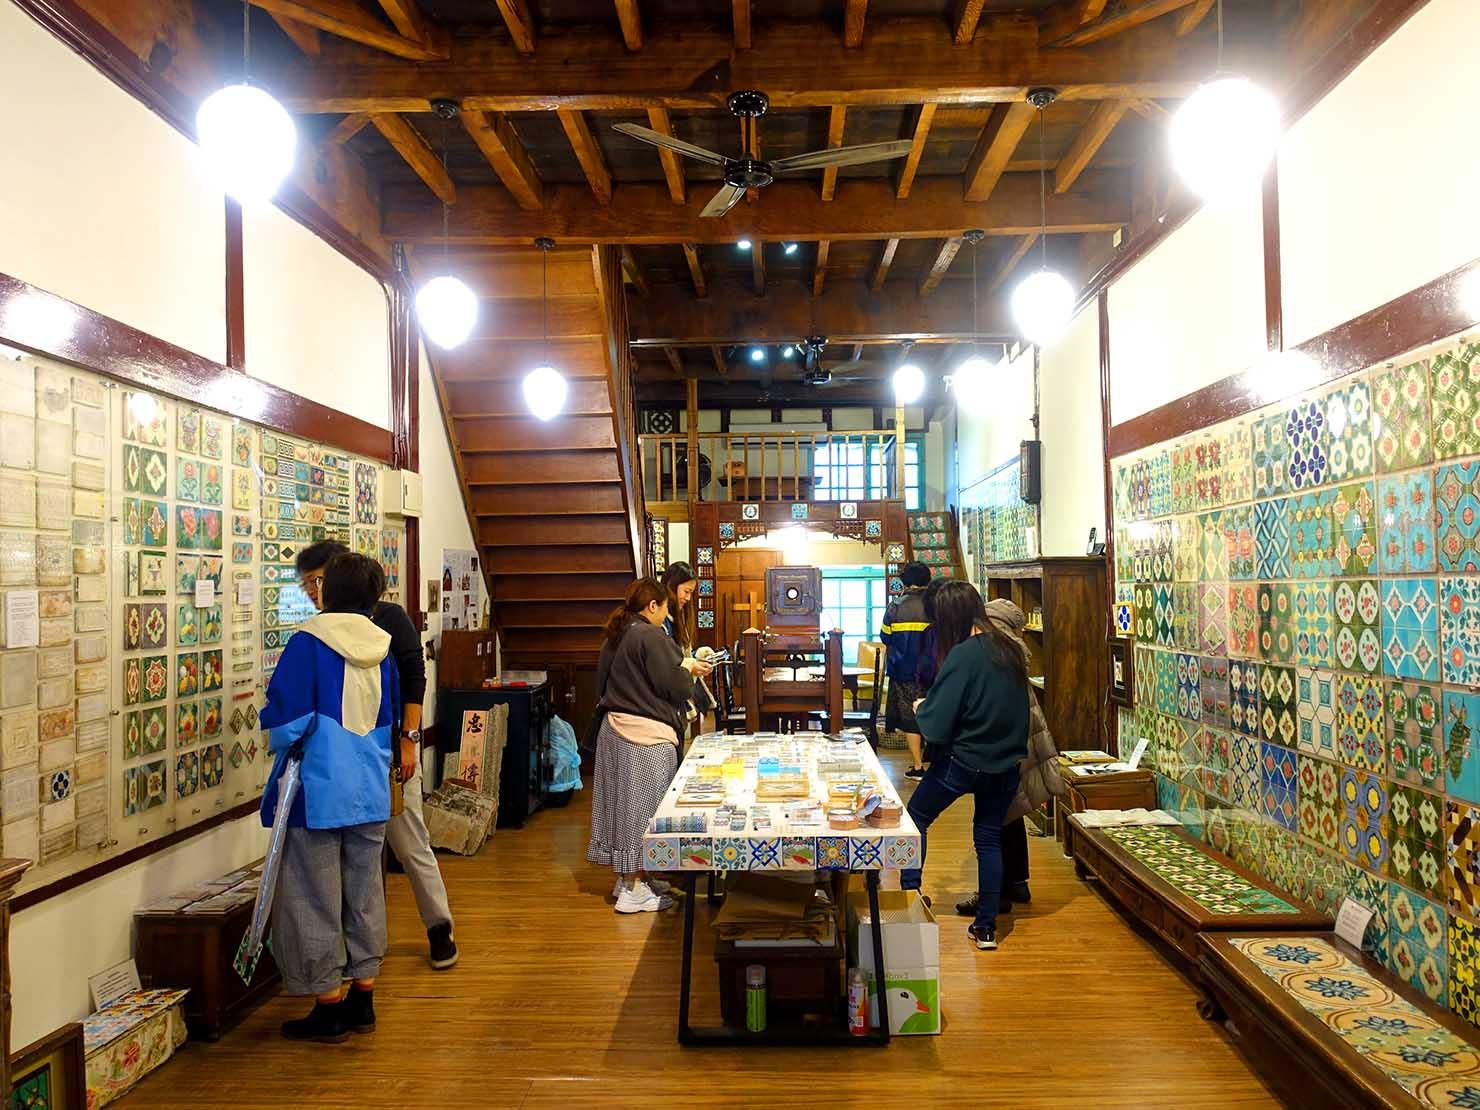 嘉義のおすすめ観光スポット「台灣花磚博物館」の館内1F